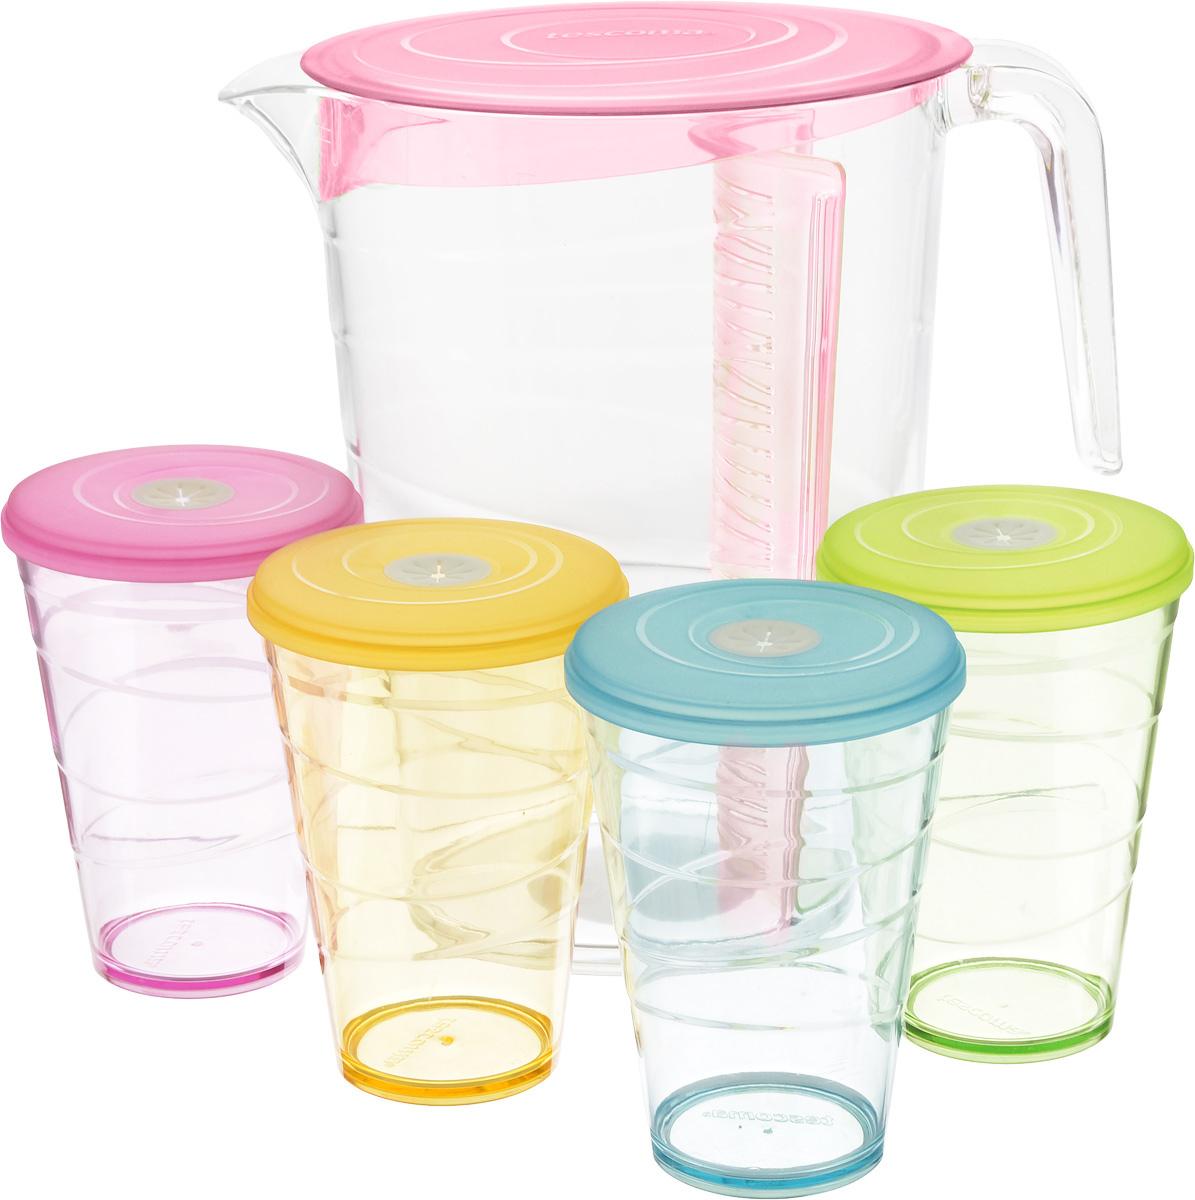 Набор питьевой Tescoma My Drink, цвет: розовый, 9 предметов308802.19Набор питьевой Tescoma My Drink - великолепное решение для летних прохладительных напитков! Набор состоит из кувшина и 4 стаканов. Для изготовления кувшина и стаканов используется первоклассный нетоксичный пластик, пригодный для долгосрочного контакта с пищевыми продуктами и не содержащий химических добавок. Кувшин оснащен специальной перегородкой для фруктов и листьев мяты, которая позволяет не допускать смешивания с основной жидкостью в кувшине. Это избавит вас от дополнительной фильтрации лимонада. Перегородку удобно снимать и чистить. В комплект входят 4 стакана разного цвета, каждый из которых оснащен крышкой с гибким отверстием для соломинки. Можно мыть в посудомоечной машине на щадящих программах, выдерживает температуру до 60°С. Размер кувшина (по верхнему краю): 12 х 18 см. Высота кувшина: 23 см. Объем кувшина: 2,5 л. Диаметр стакана (по верхнему краю): 8,5 см. Высота стакана: 12 см. Объем стакана: 400...